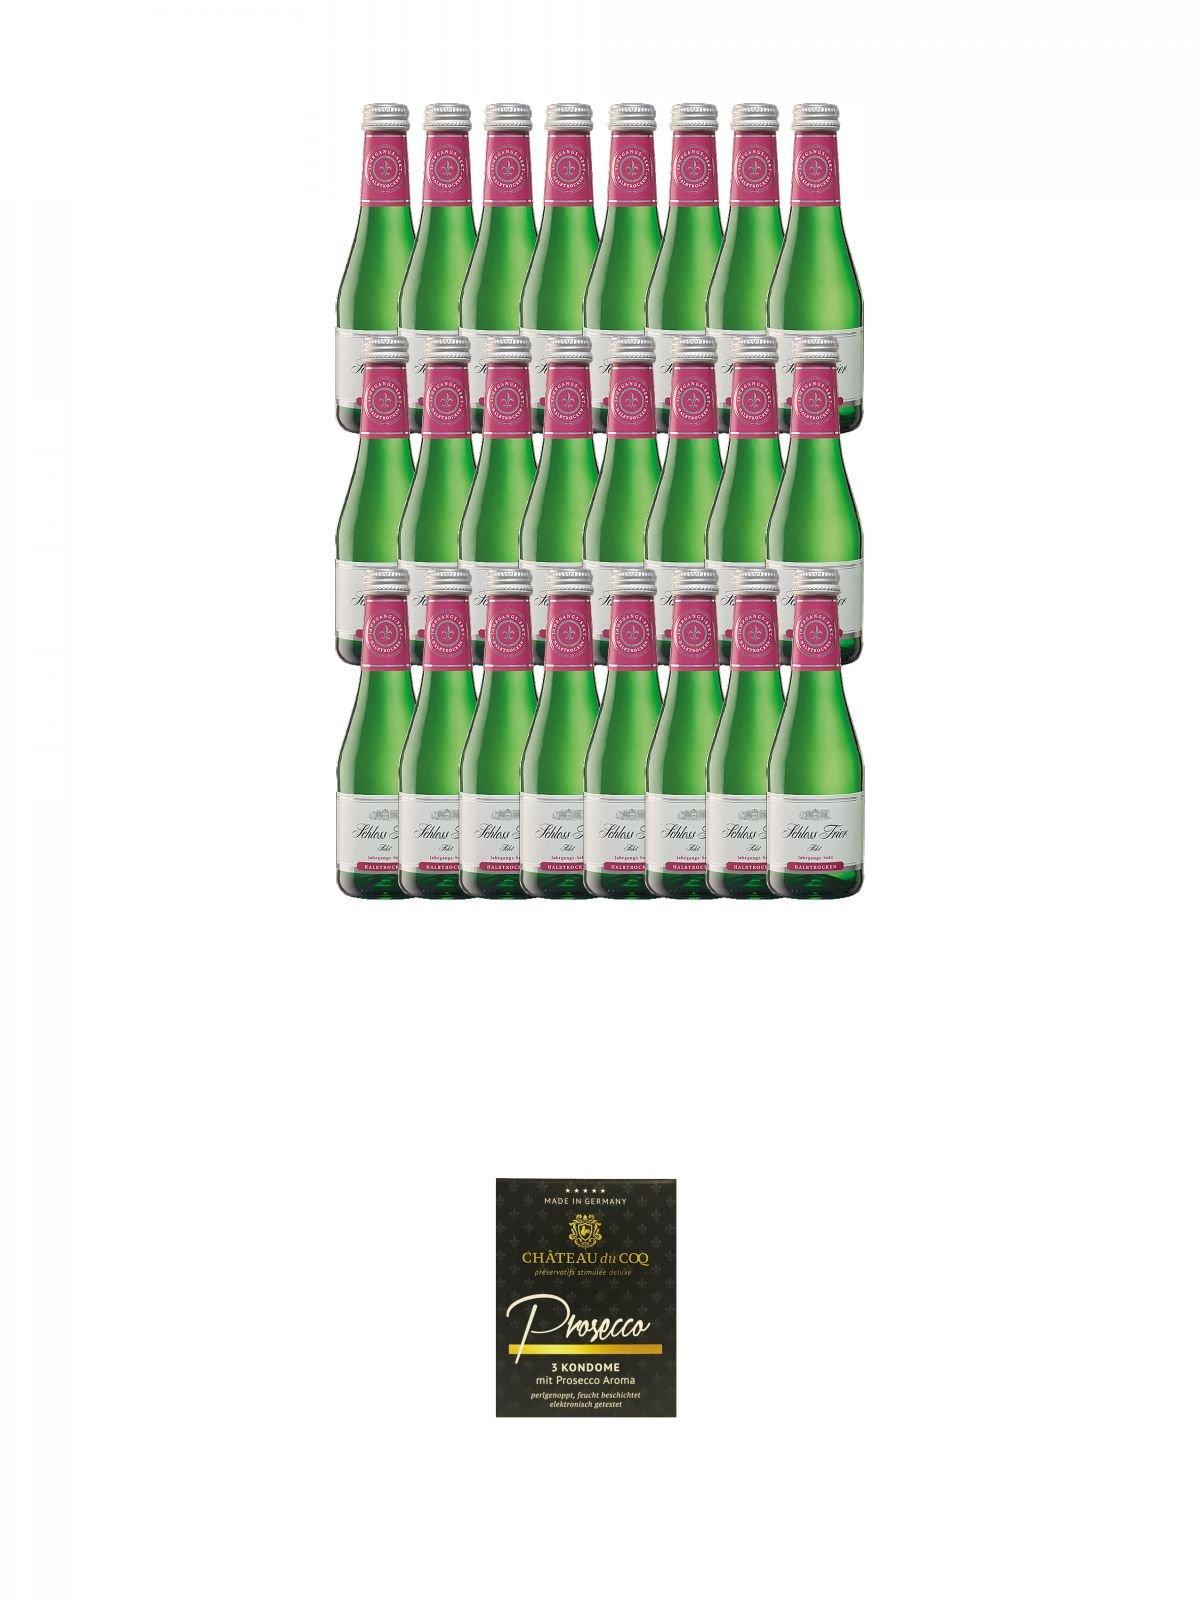 Schlo-Trier-Sekt-halbtrocken-Deutschland-24-x-02-Liter-Chateau-du-COQ-Prosecco-Kondom-3er-Packung